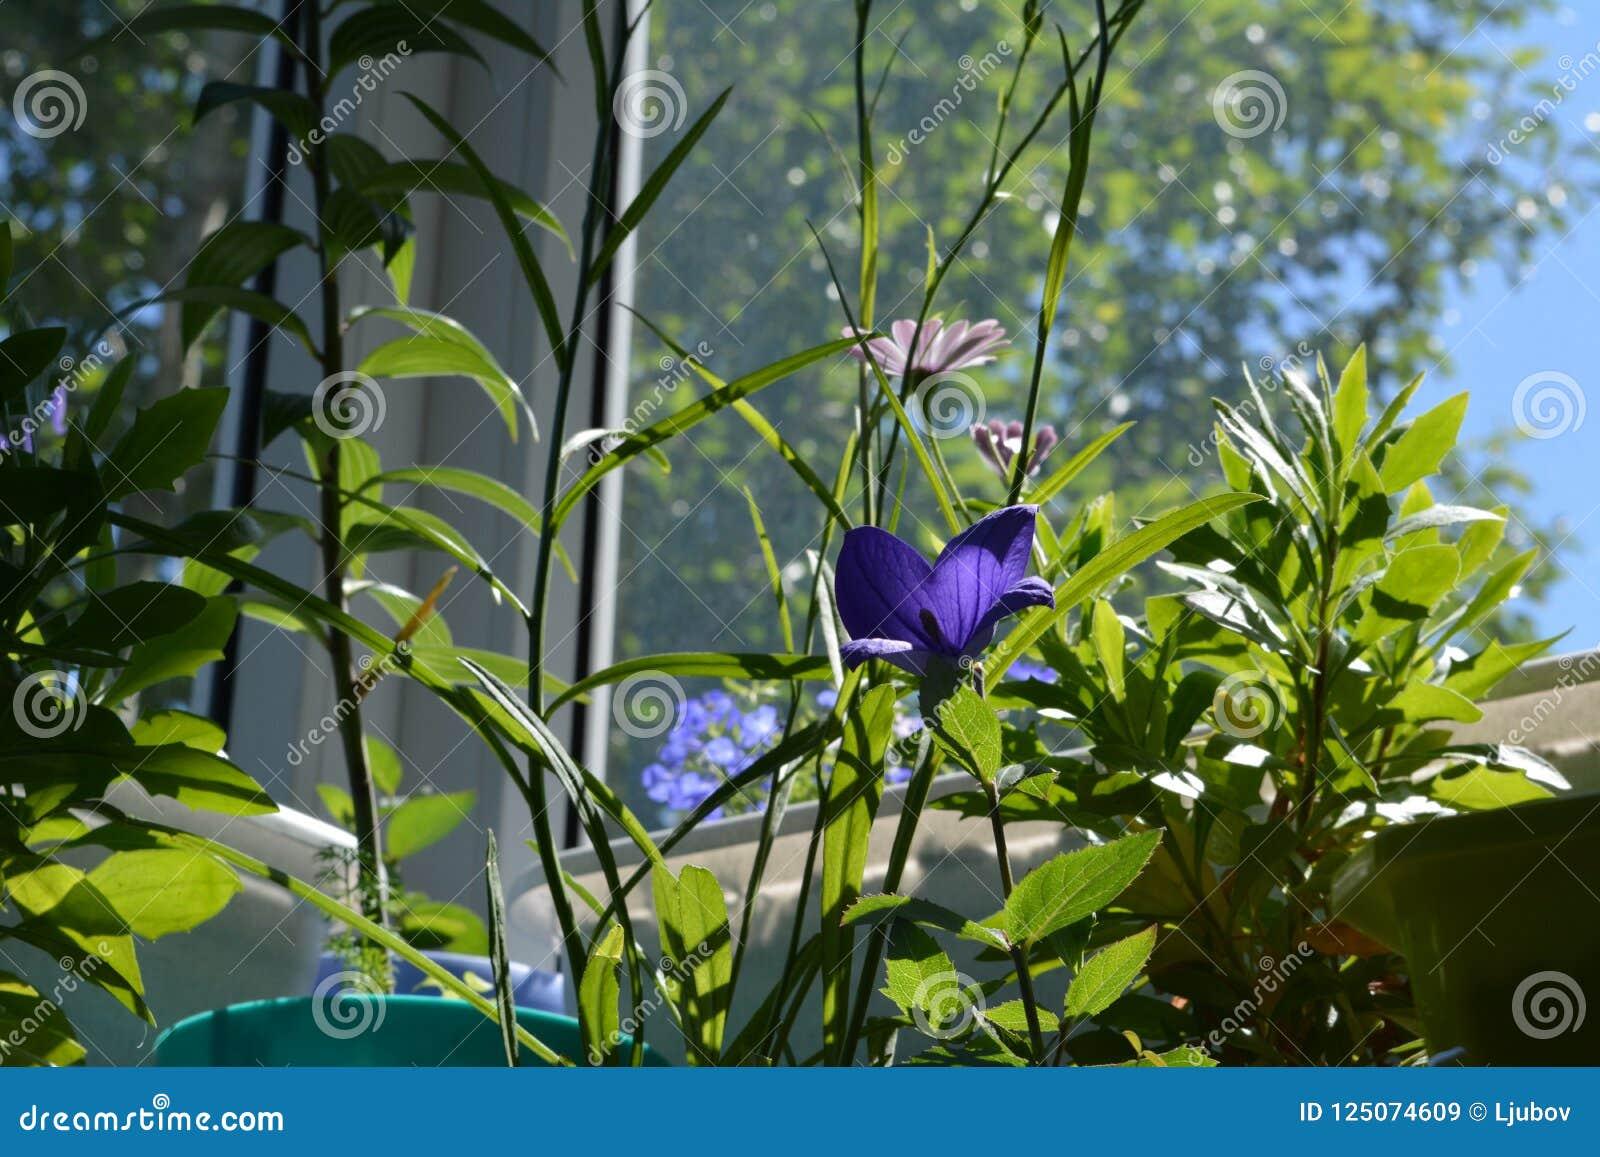 Piccolo Giardino Sul Balcone : Piccolo giardino sveglio sul balcone con il fiore il osteospermum